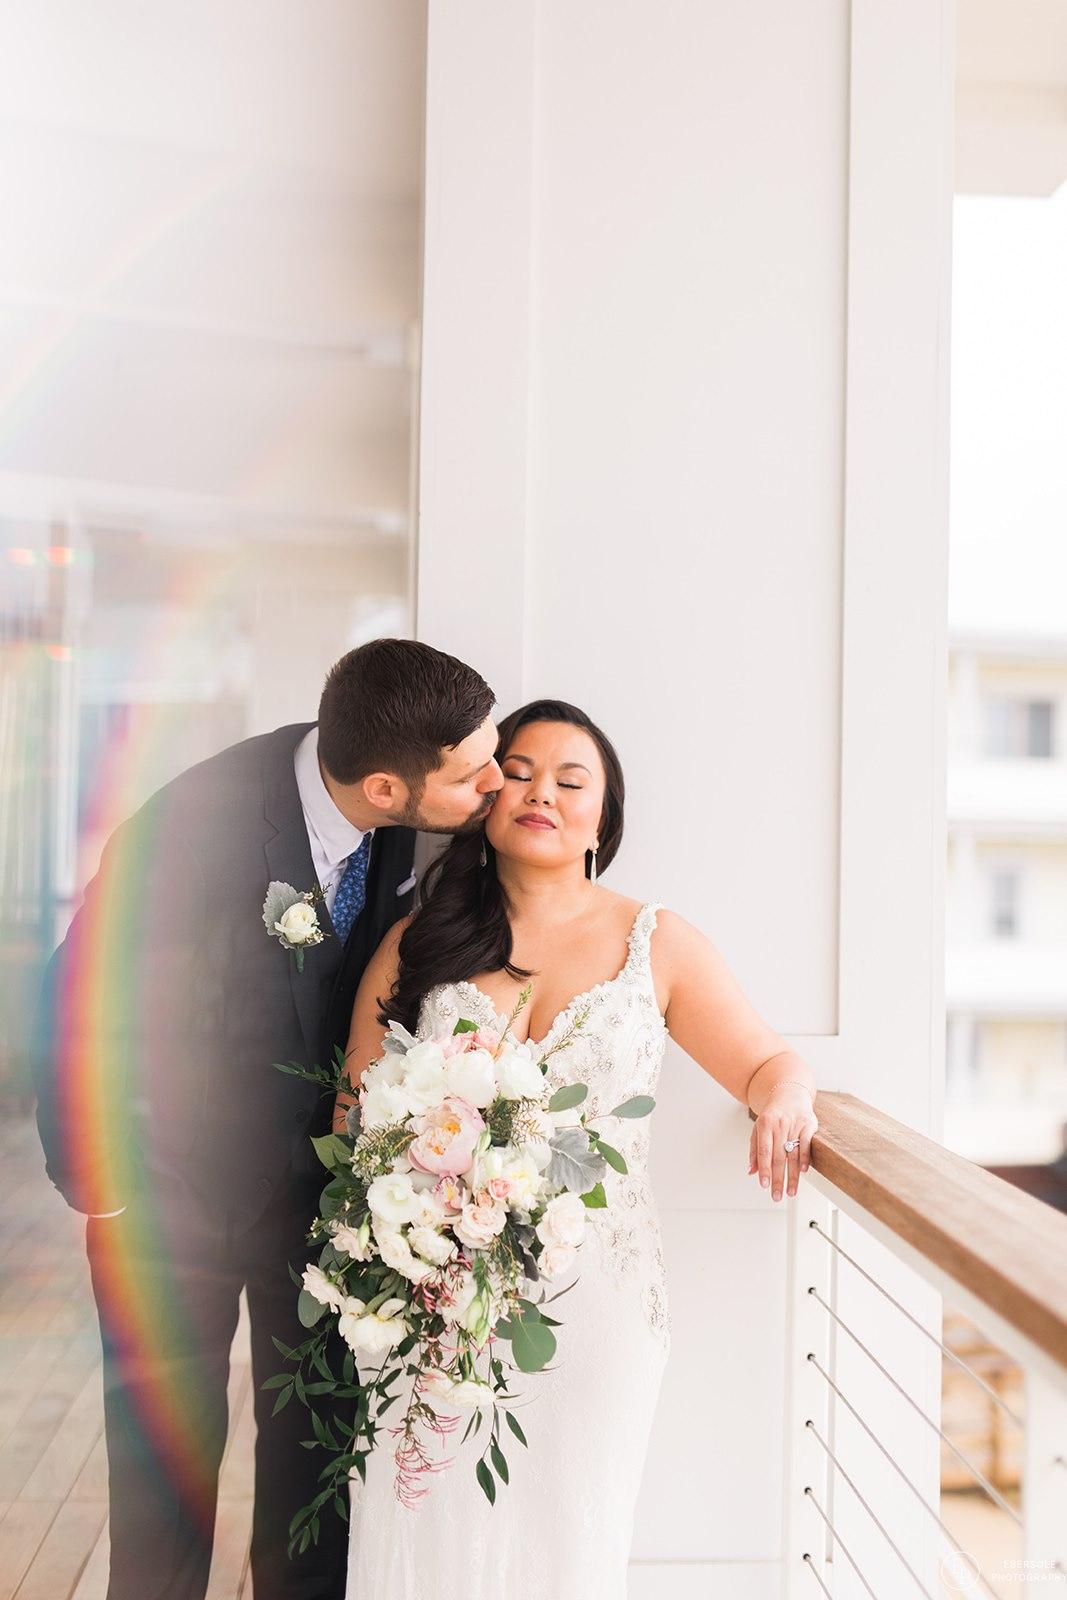 Ebersole-Photo.Charter-wedding-92.jpg